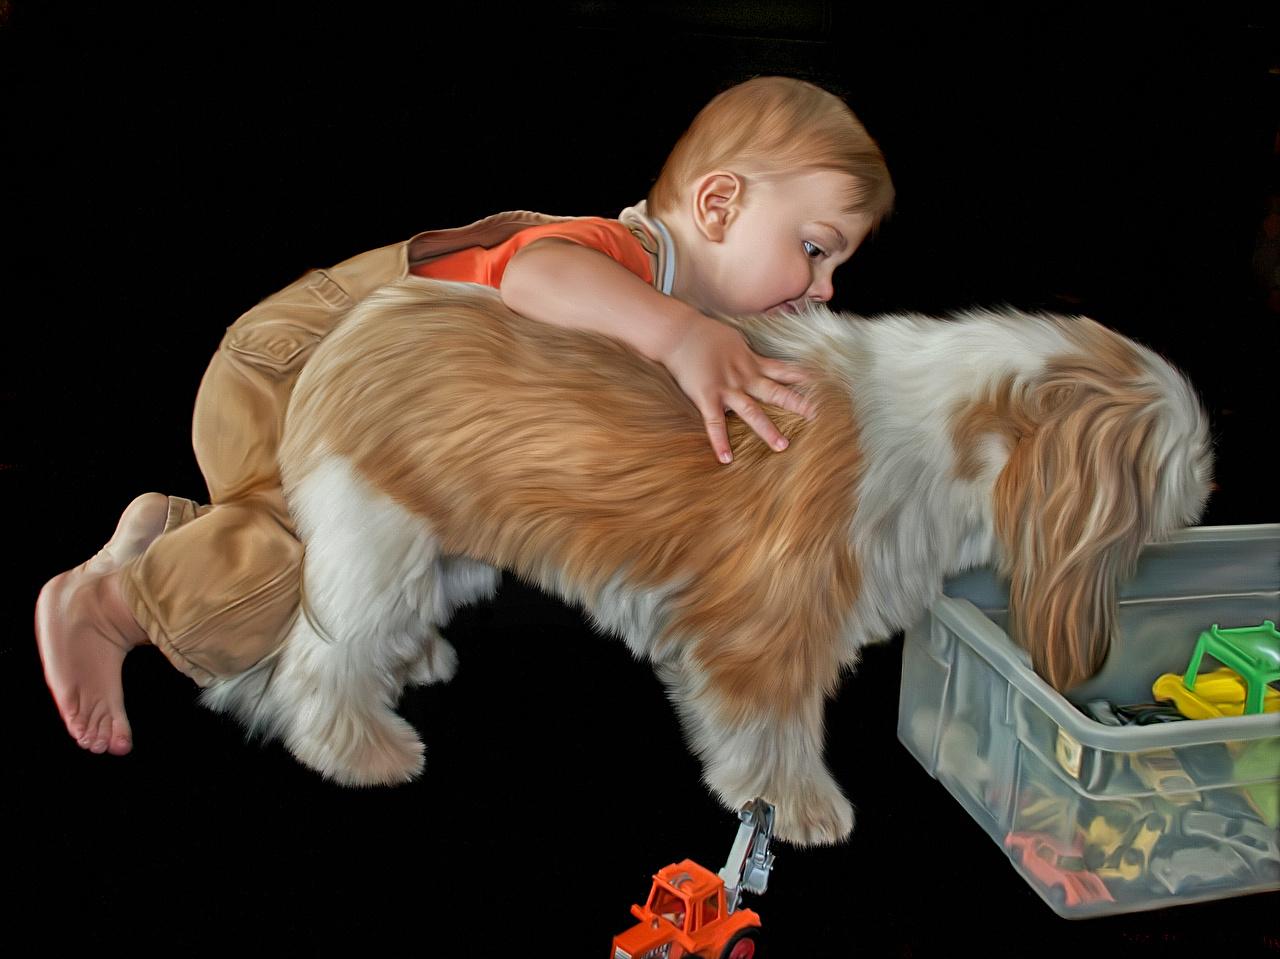 Фотографии собака мальчик ребёнок на черном фоне Собаки Мальчики мальчишки мальчишка Дети Черный фон